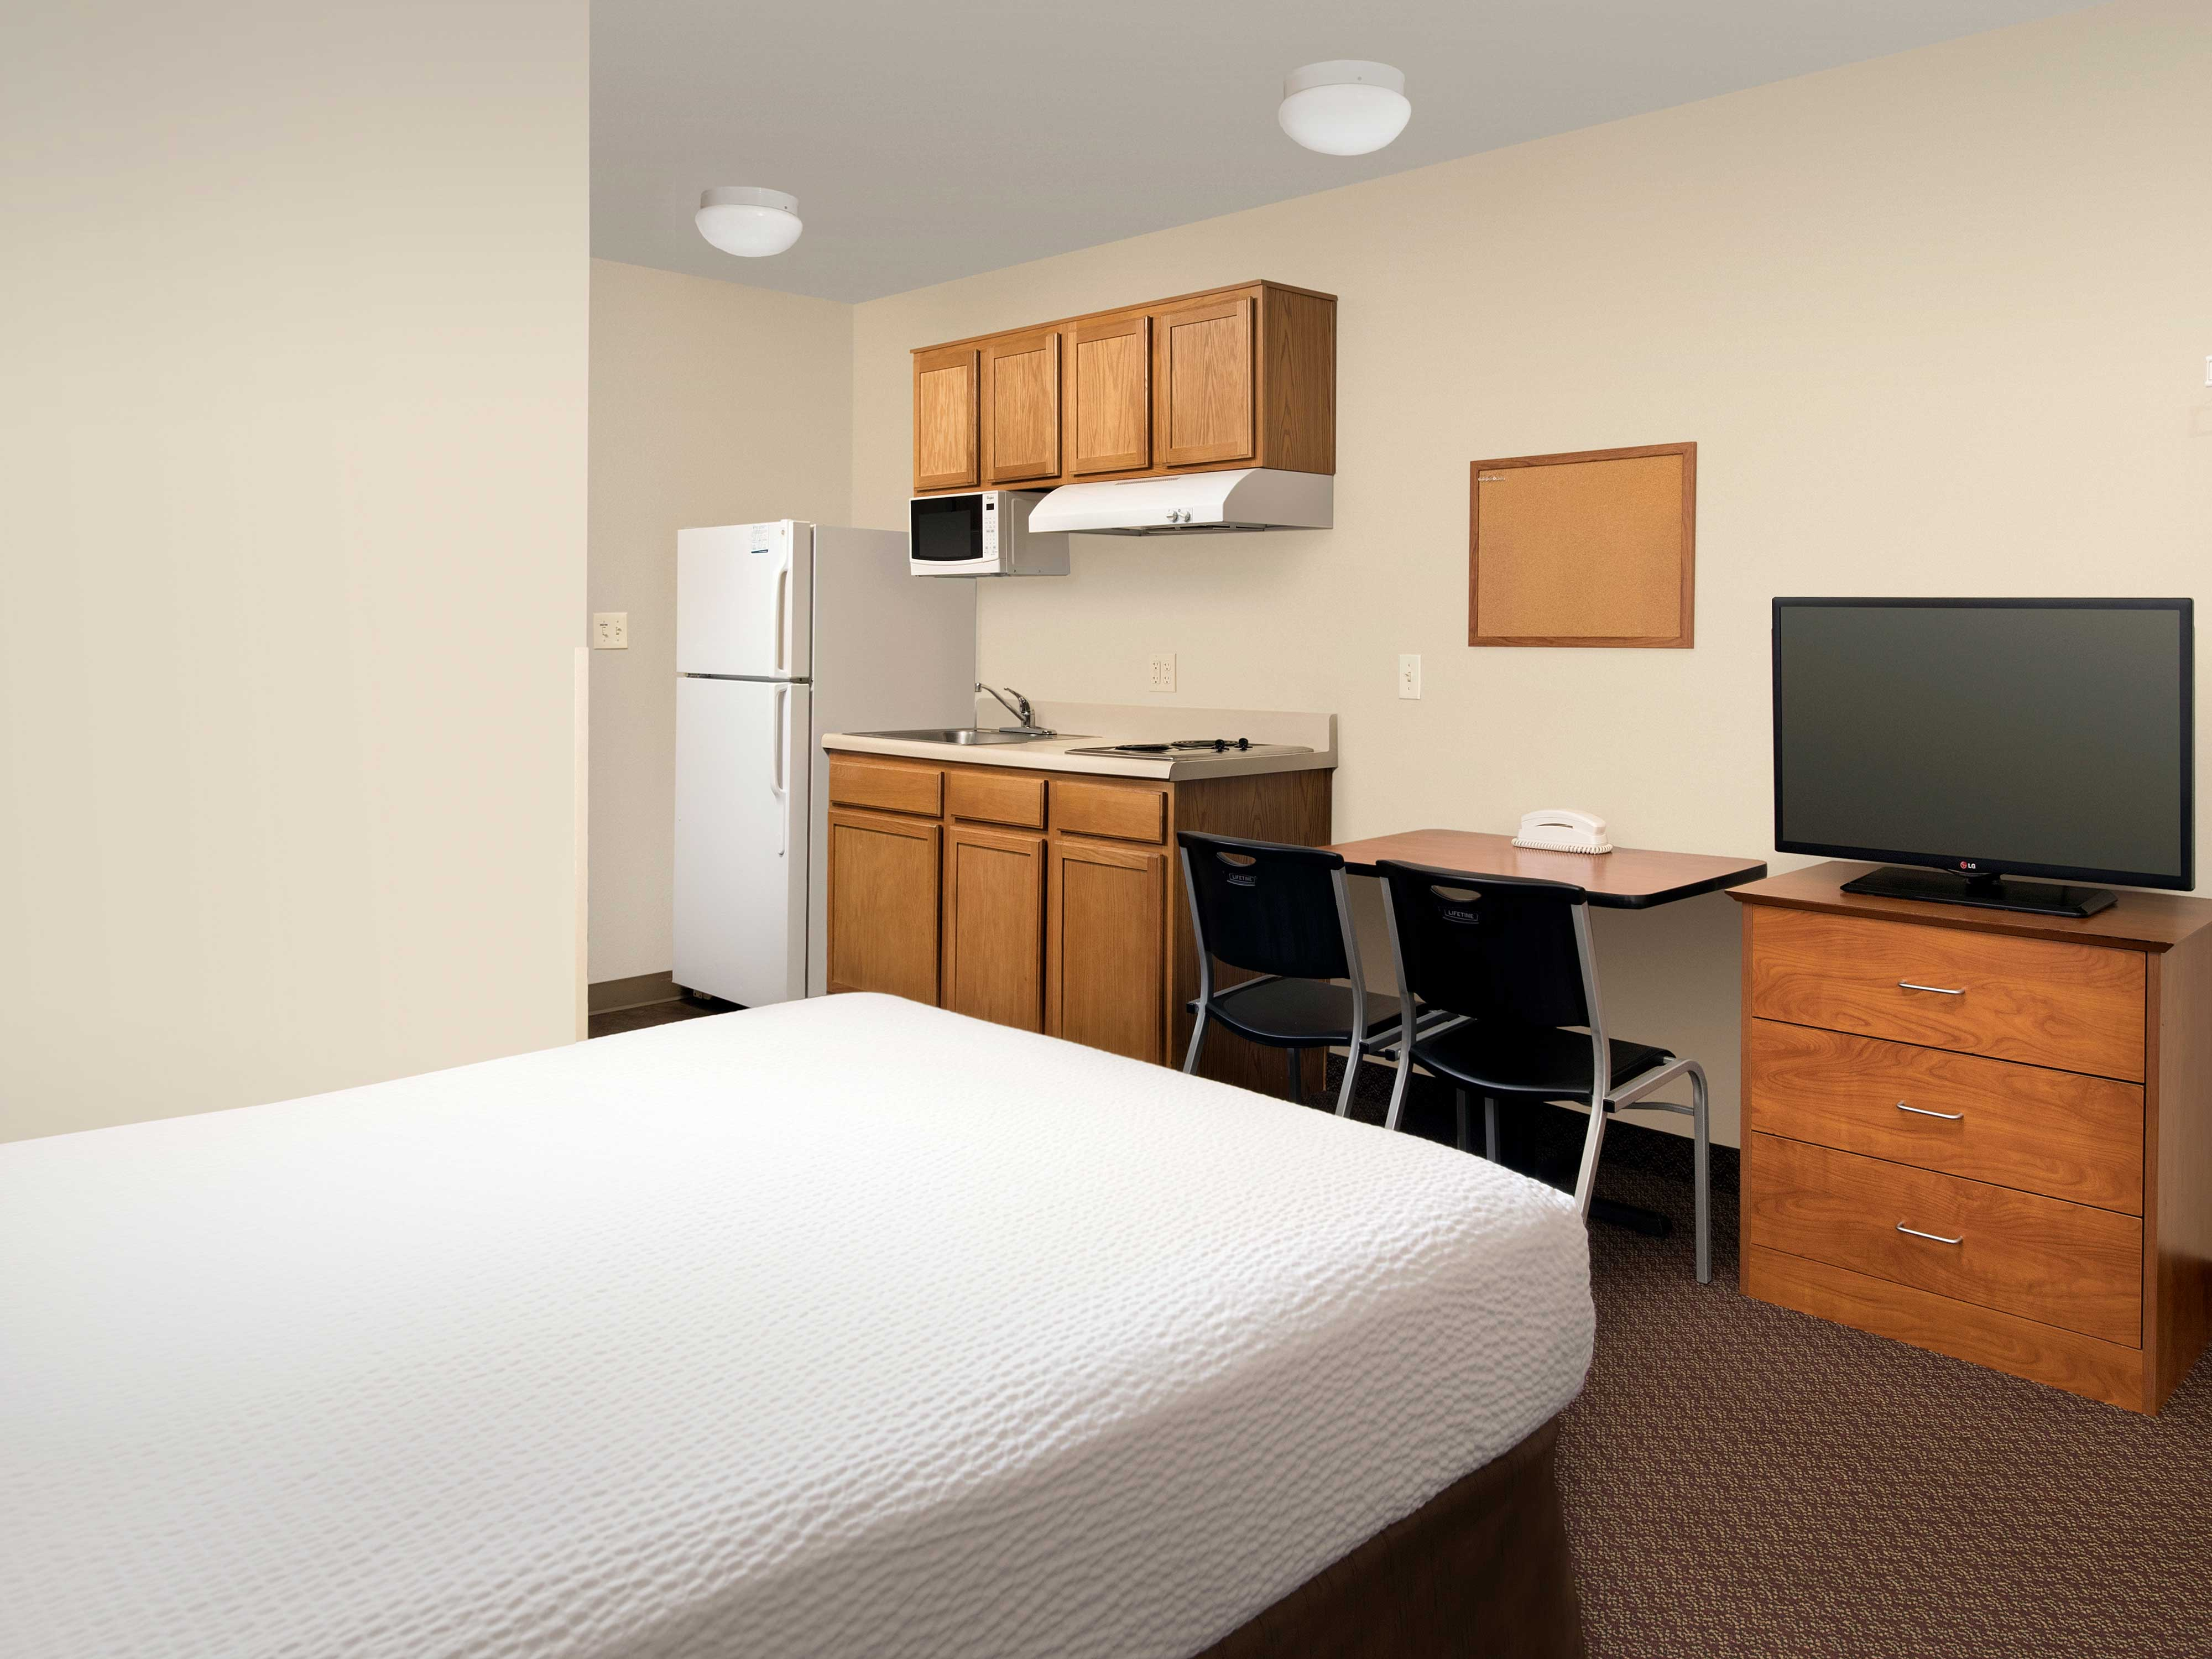 WoodSpring Suites Kansas City Lenexa image 17